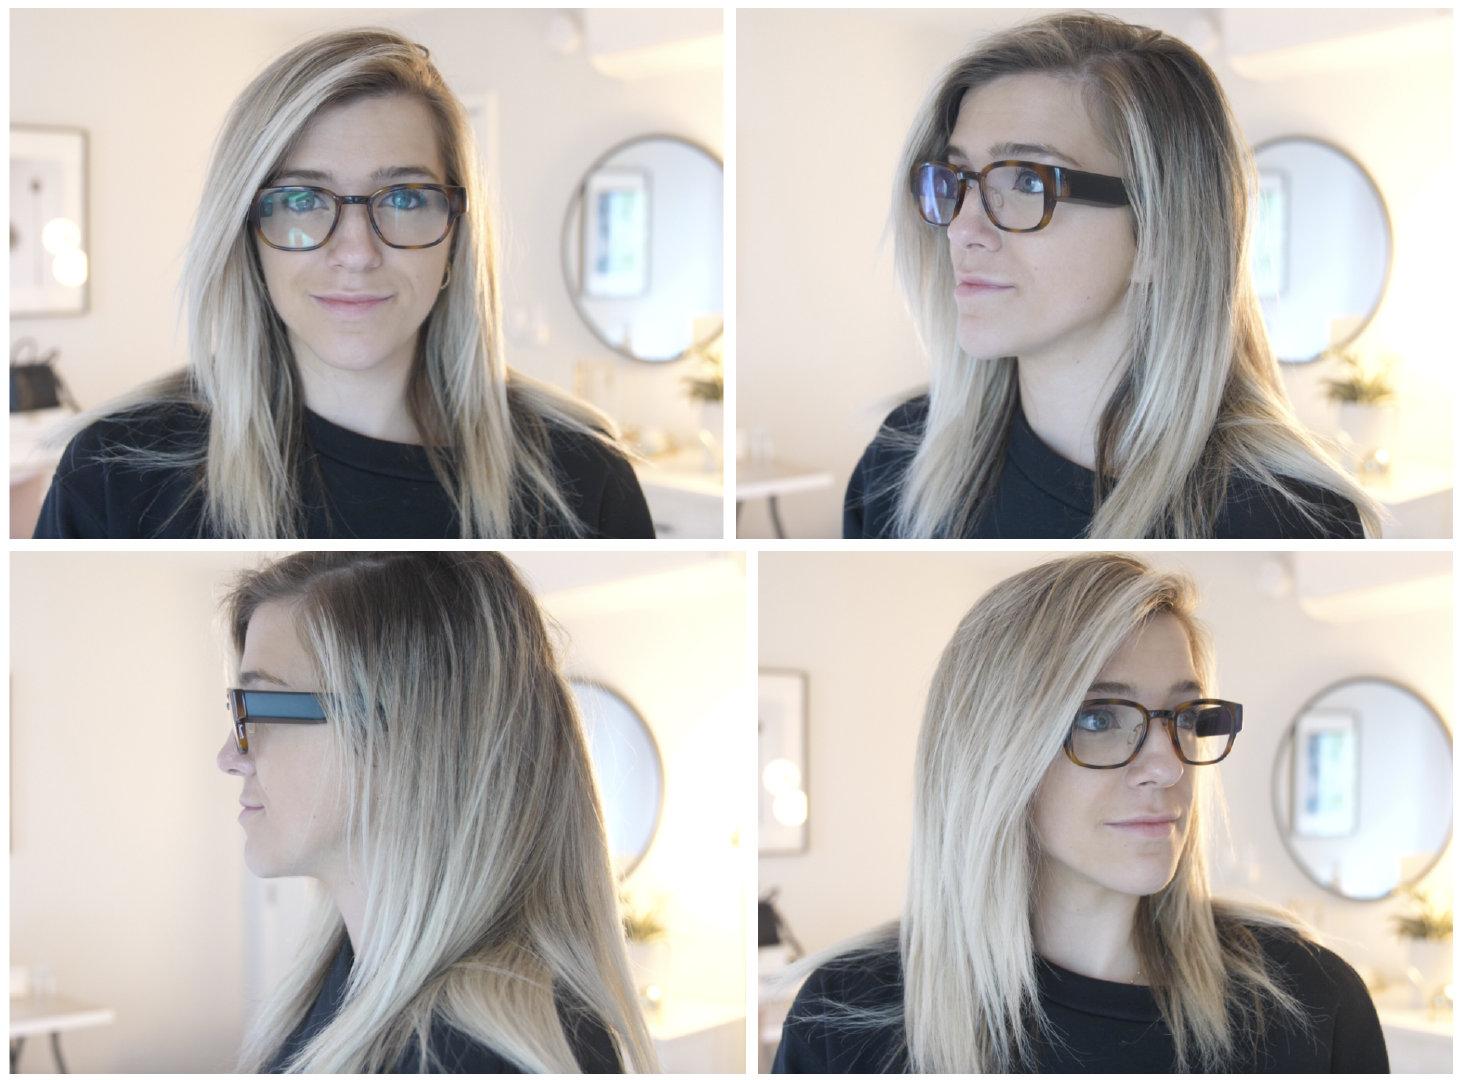 ◎ 从各个角度查看眼镜